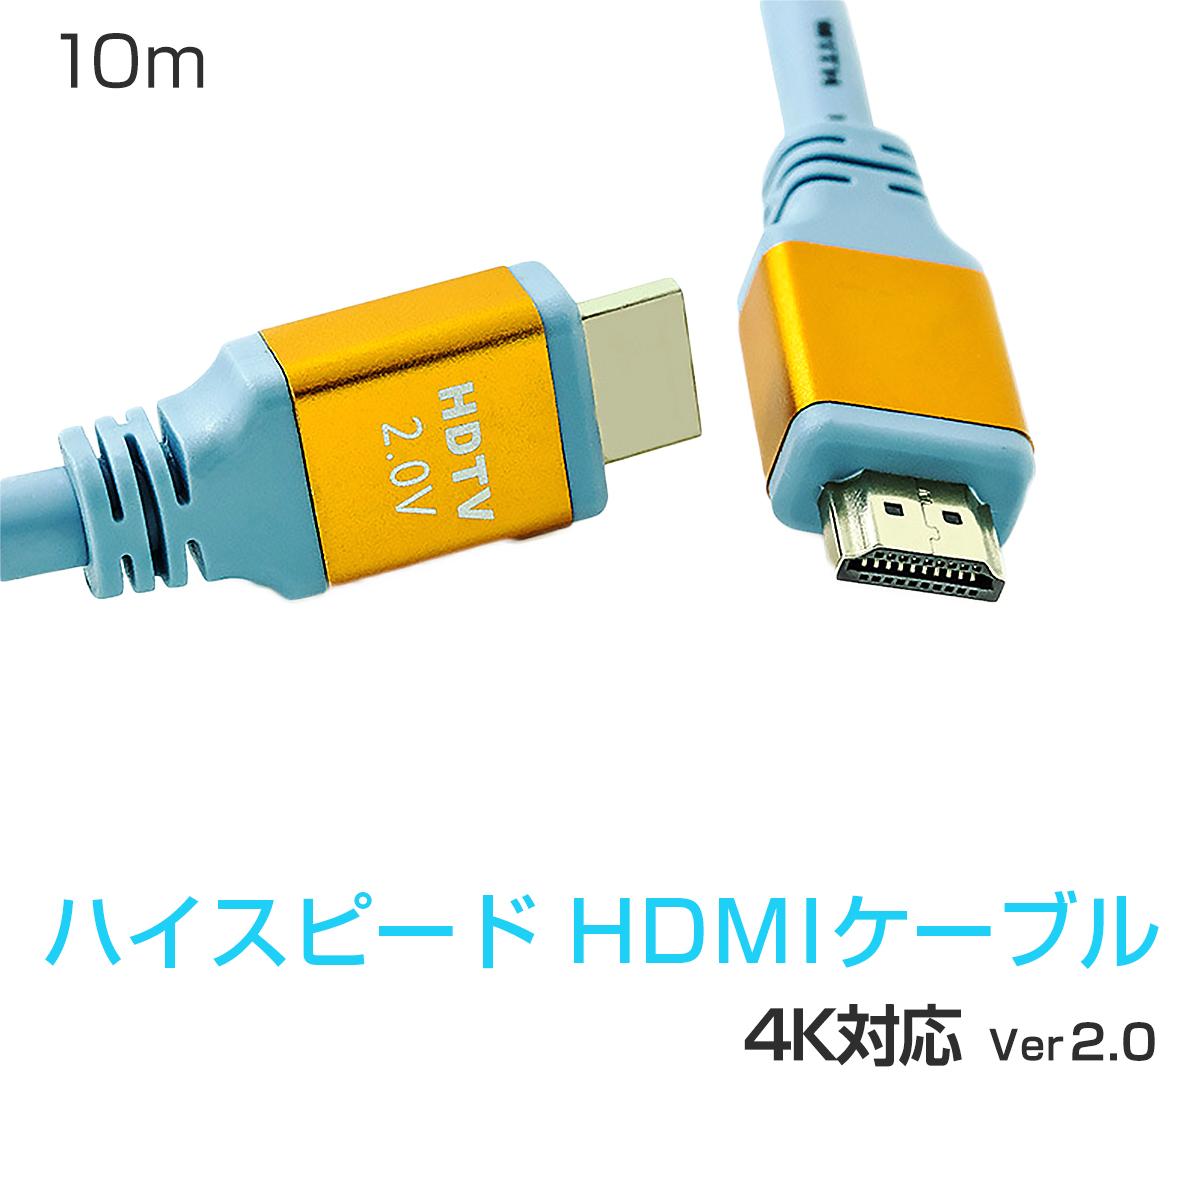 在庫処分HDMIケーブル ハイスピード Ver2.0 4K/60p UltraHD HDR 3D FHD HEC ARC 10m ノイズキャンセラー付き タイプAオス-タイプAオス 青 宅配便送料無料 1ヶ月保証 K&M